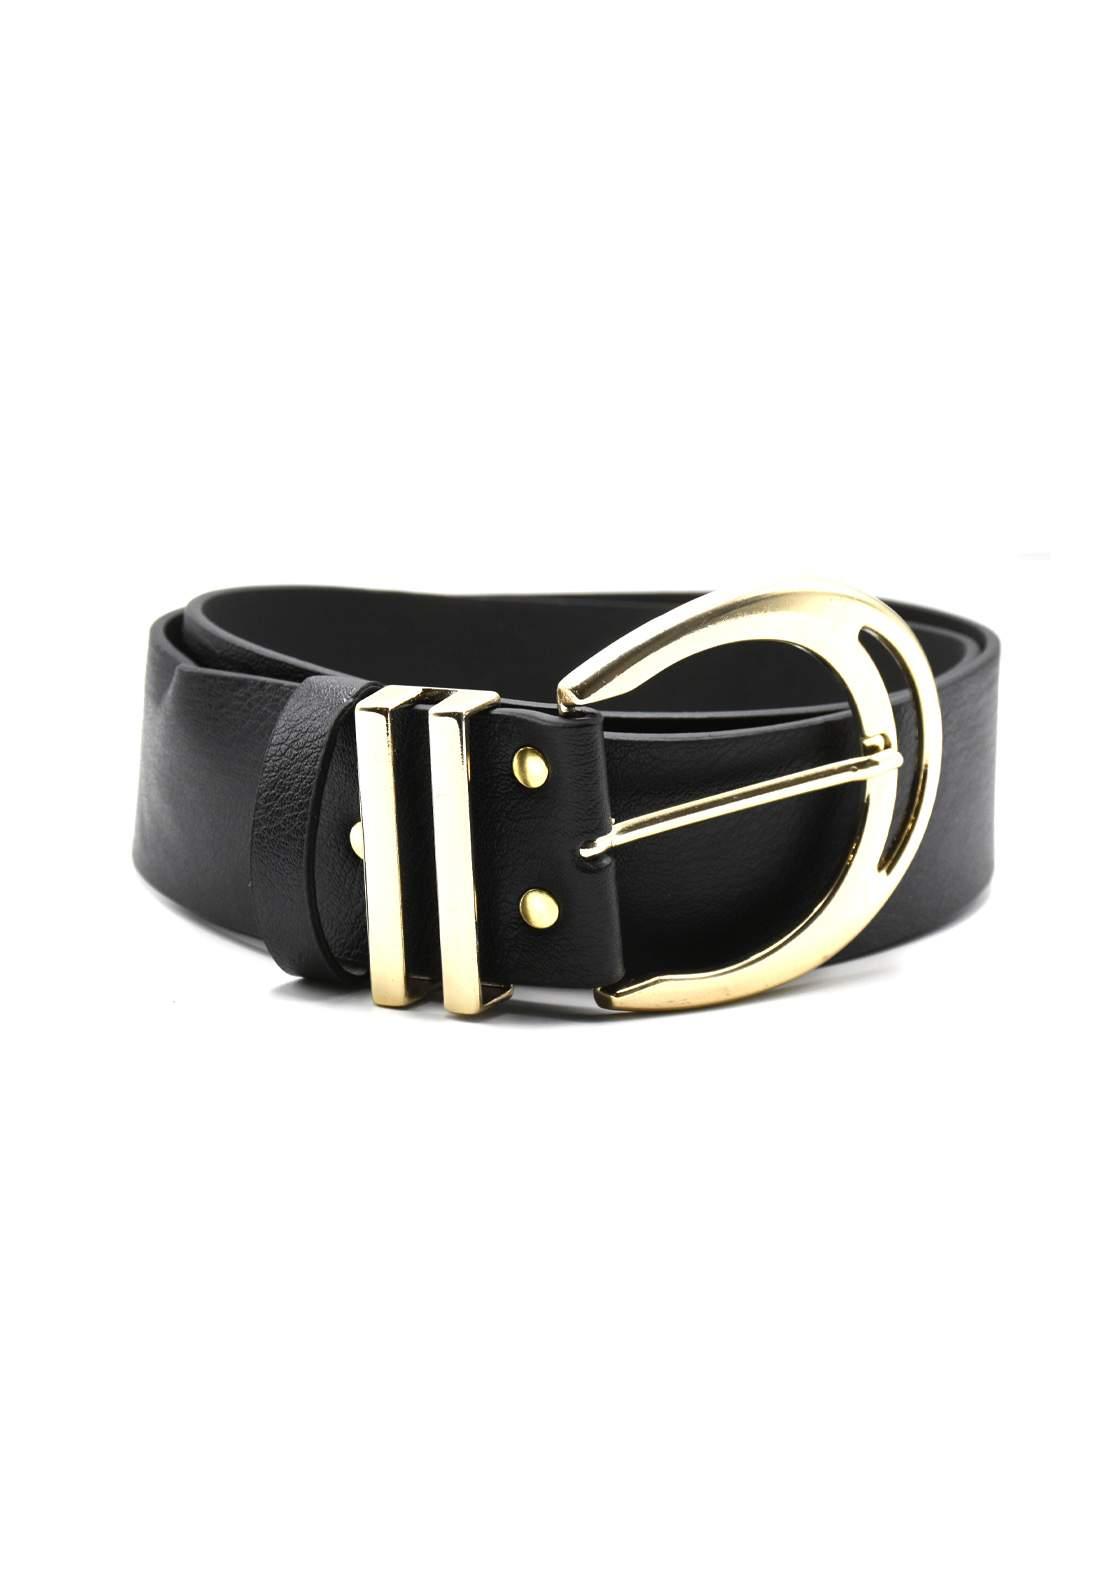 حزام نسائي جلد أسود اللون بأبزيم ذهبي116 سم